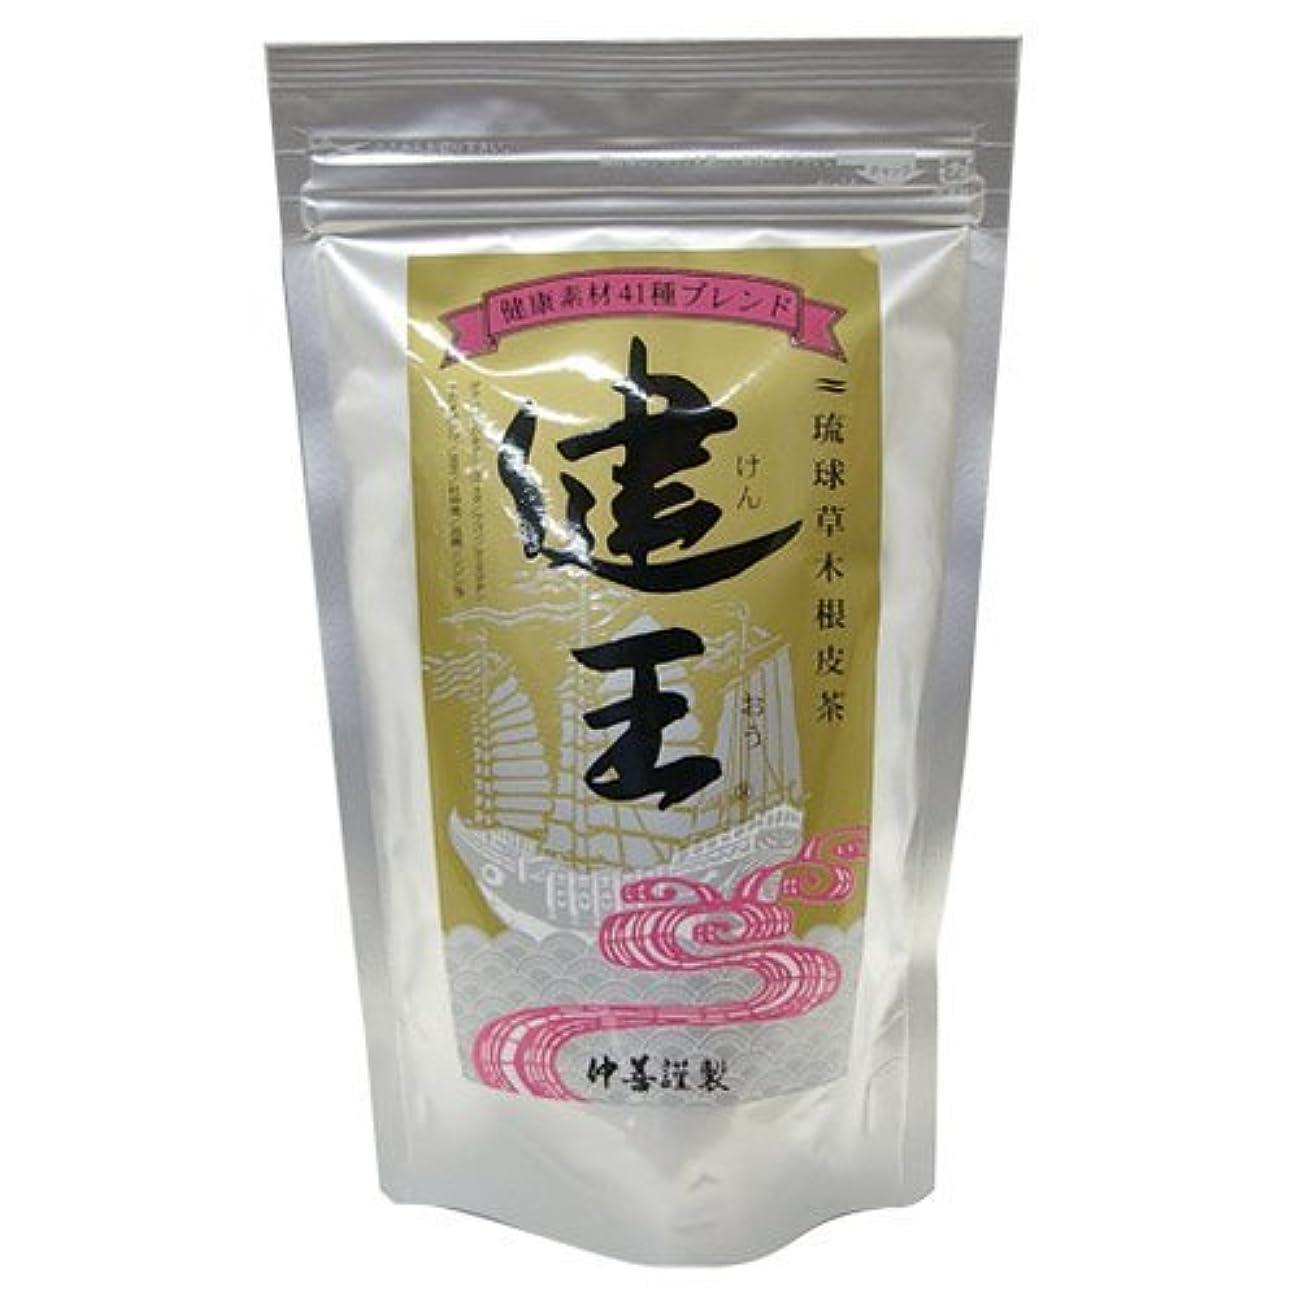 サポート閲覧する代わりの琉球草木根皮茶 健王 ティーバッグ 2g×30包